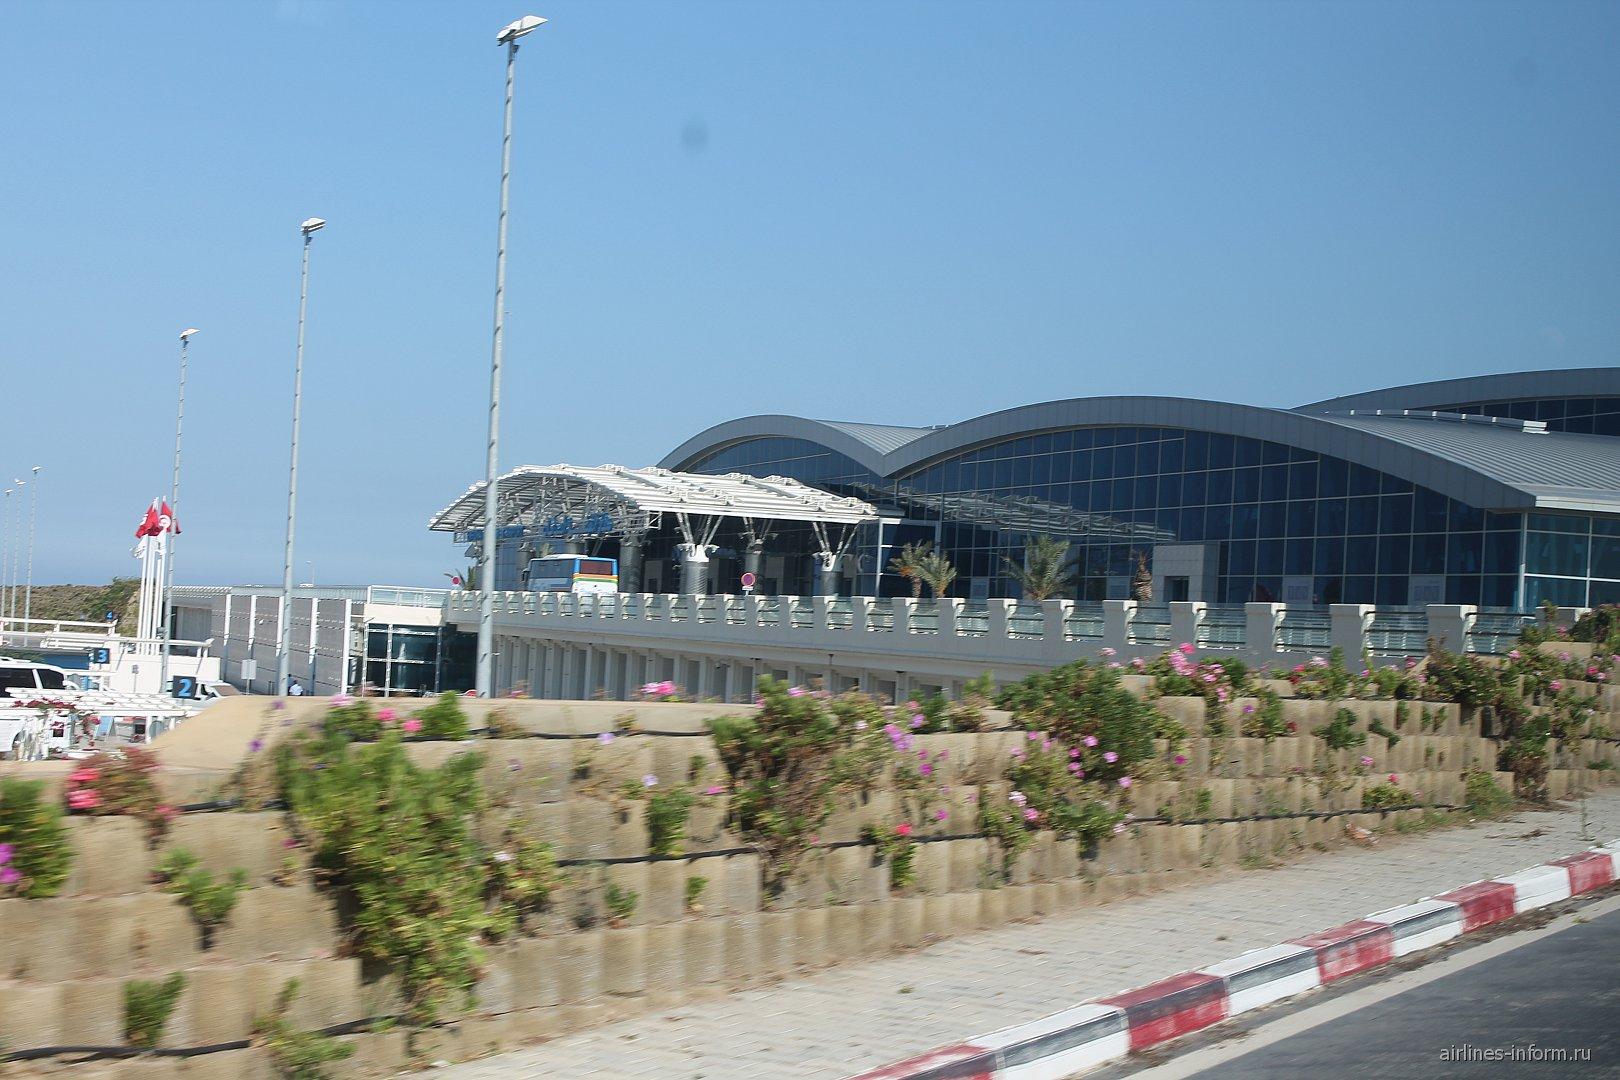 Аэровокзал аэропорта Энфида-Хаммамет